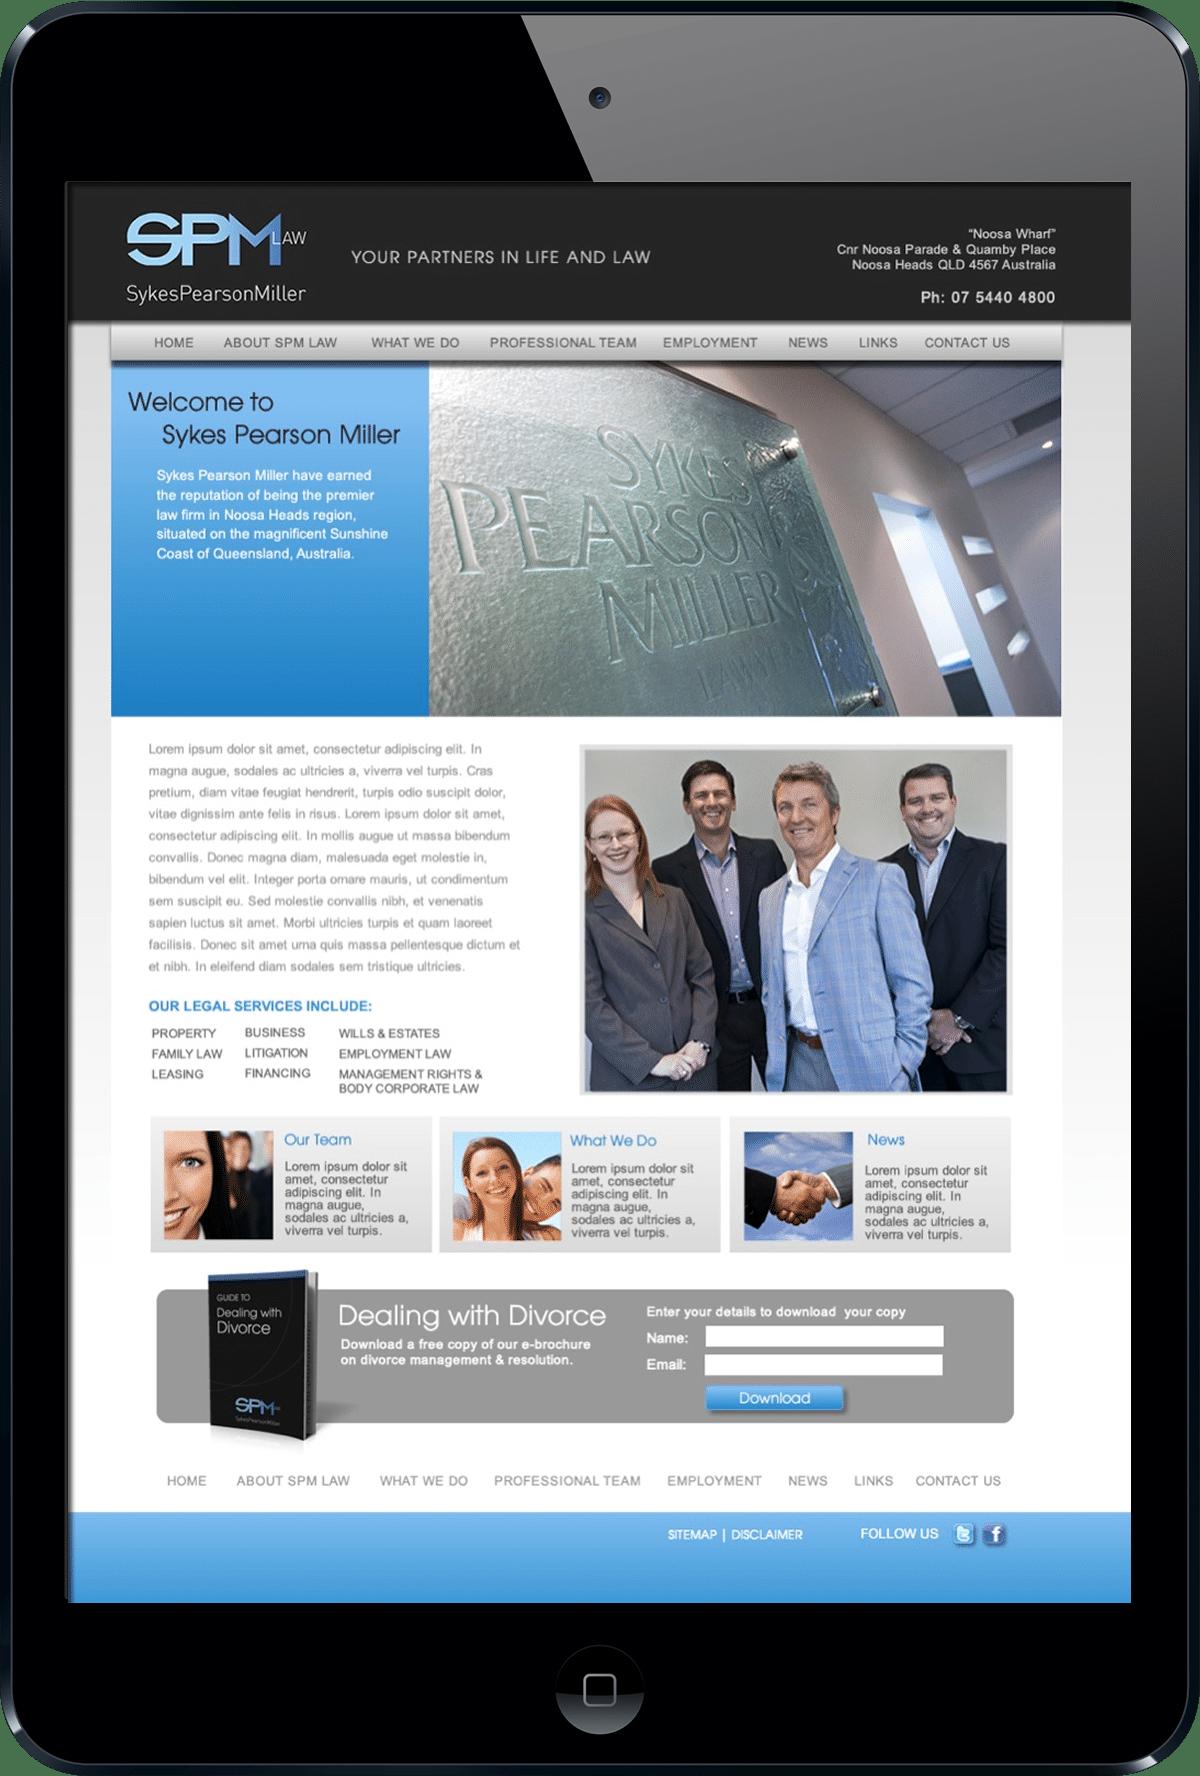 SPM Law Noosa website design